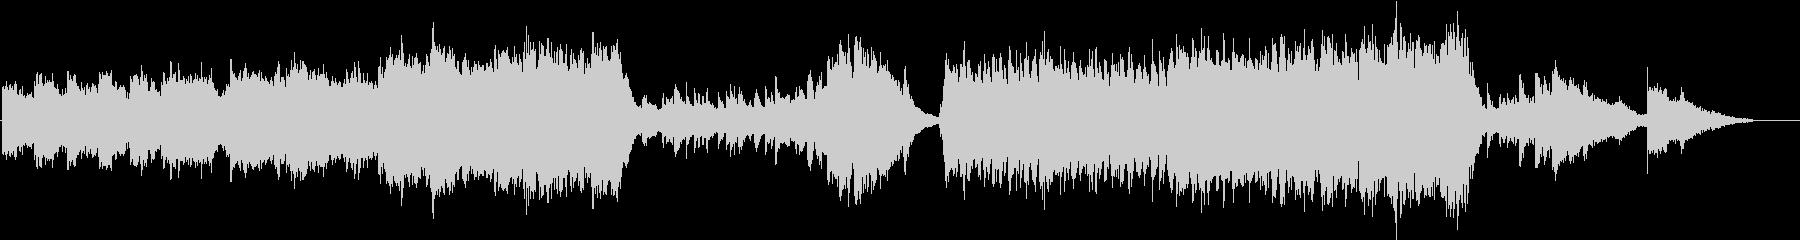 ピアノが印象的なファンタジー音楽の未再生の波形